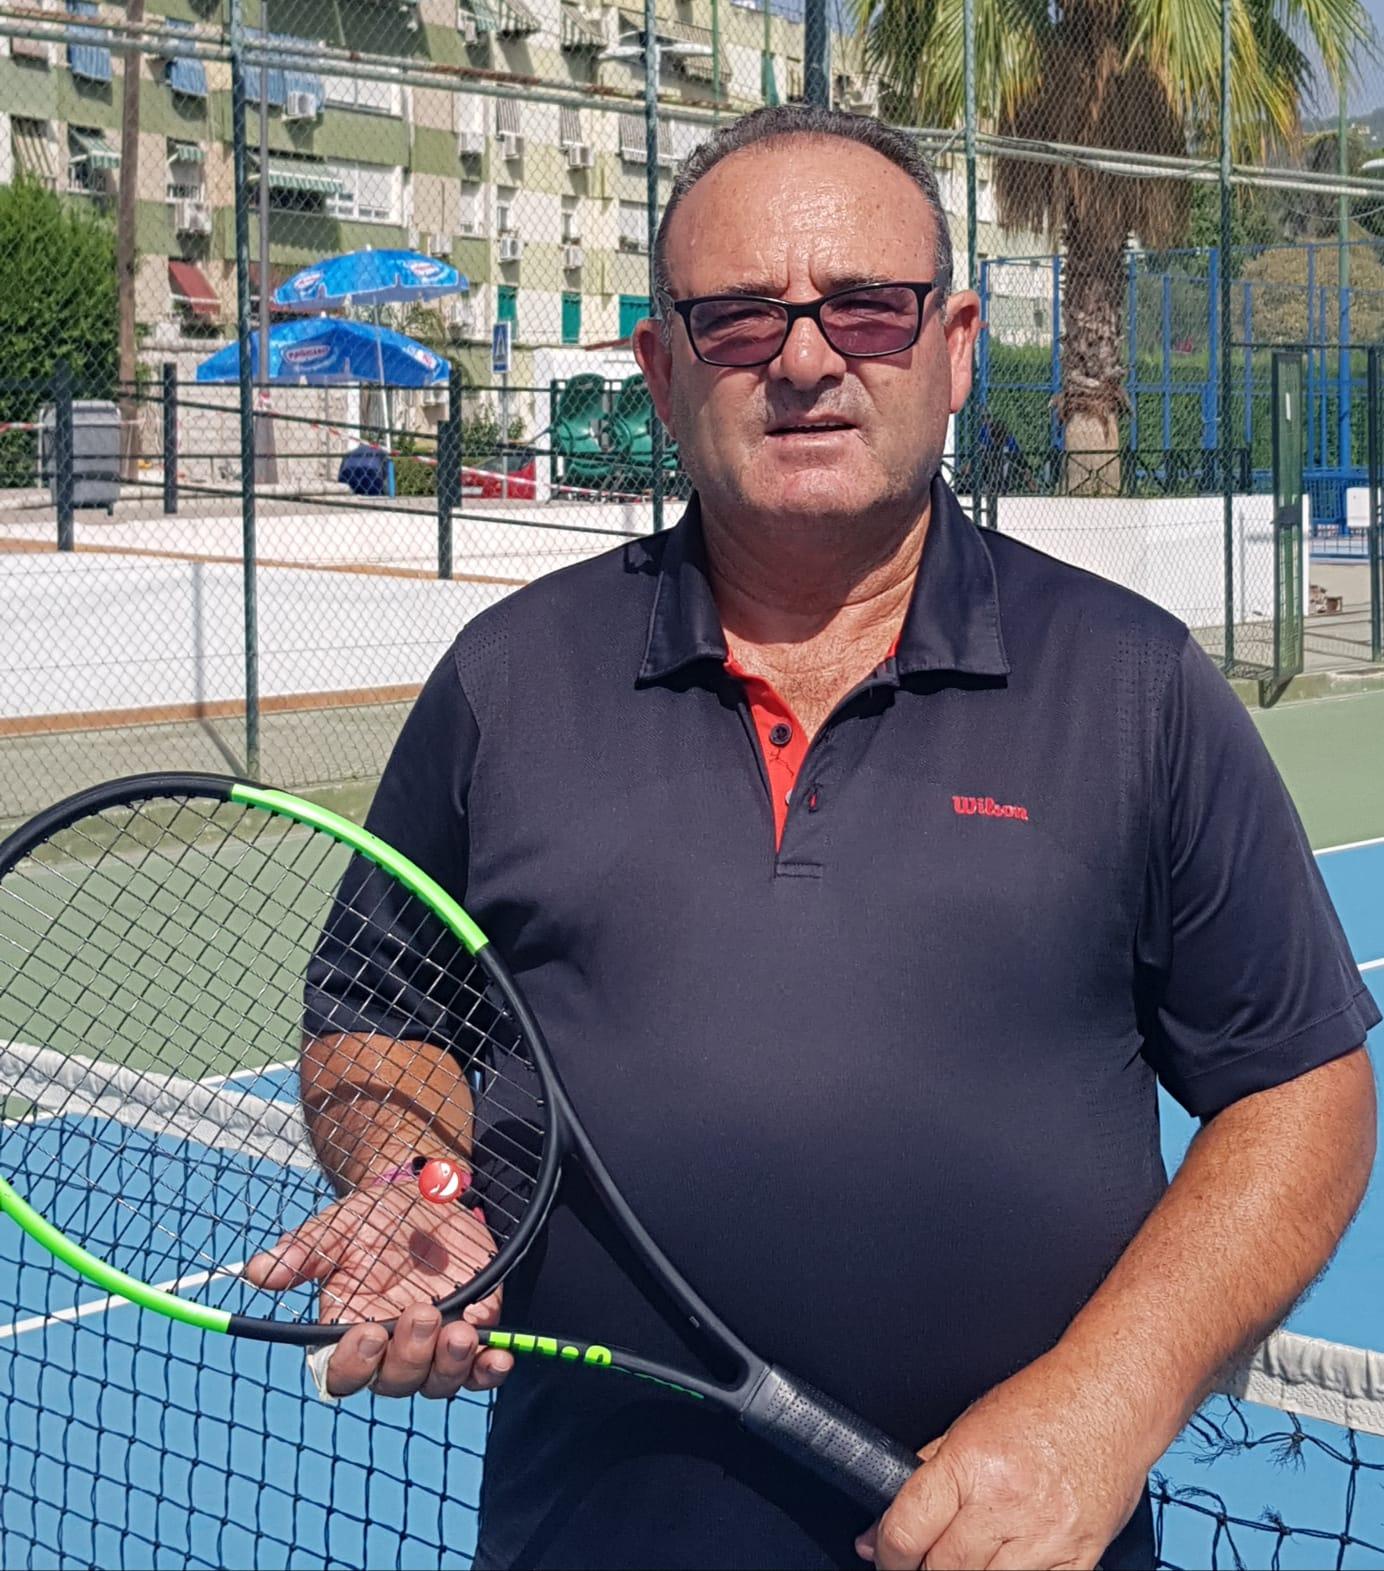 monitor de tenis del club Figueroa Manuel Lozano